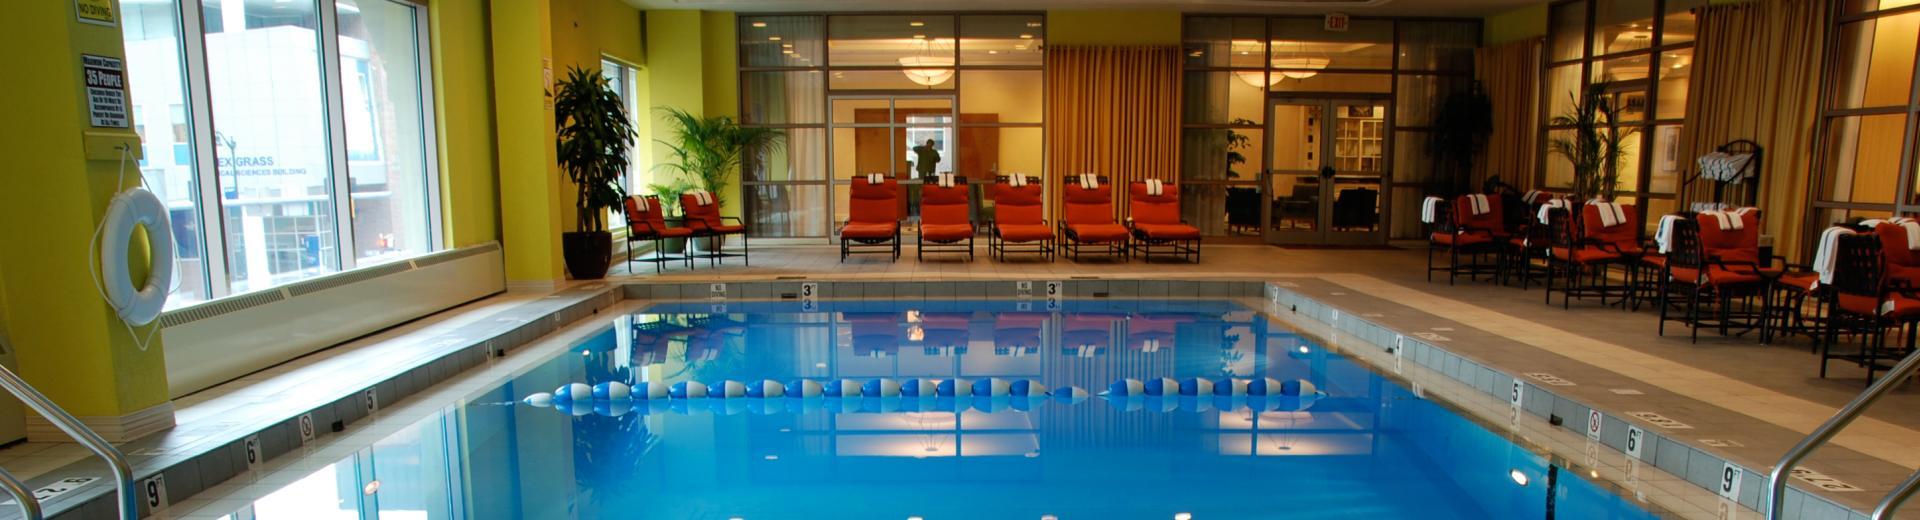 Hotels Harrisburg